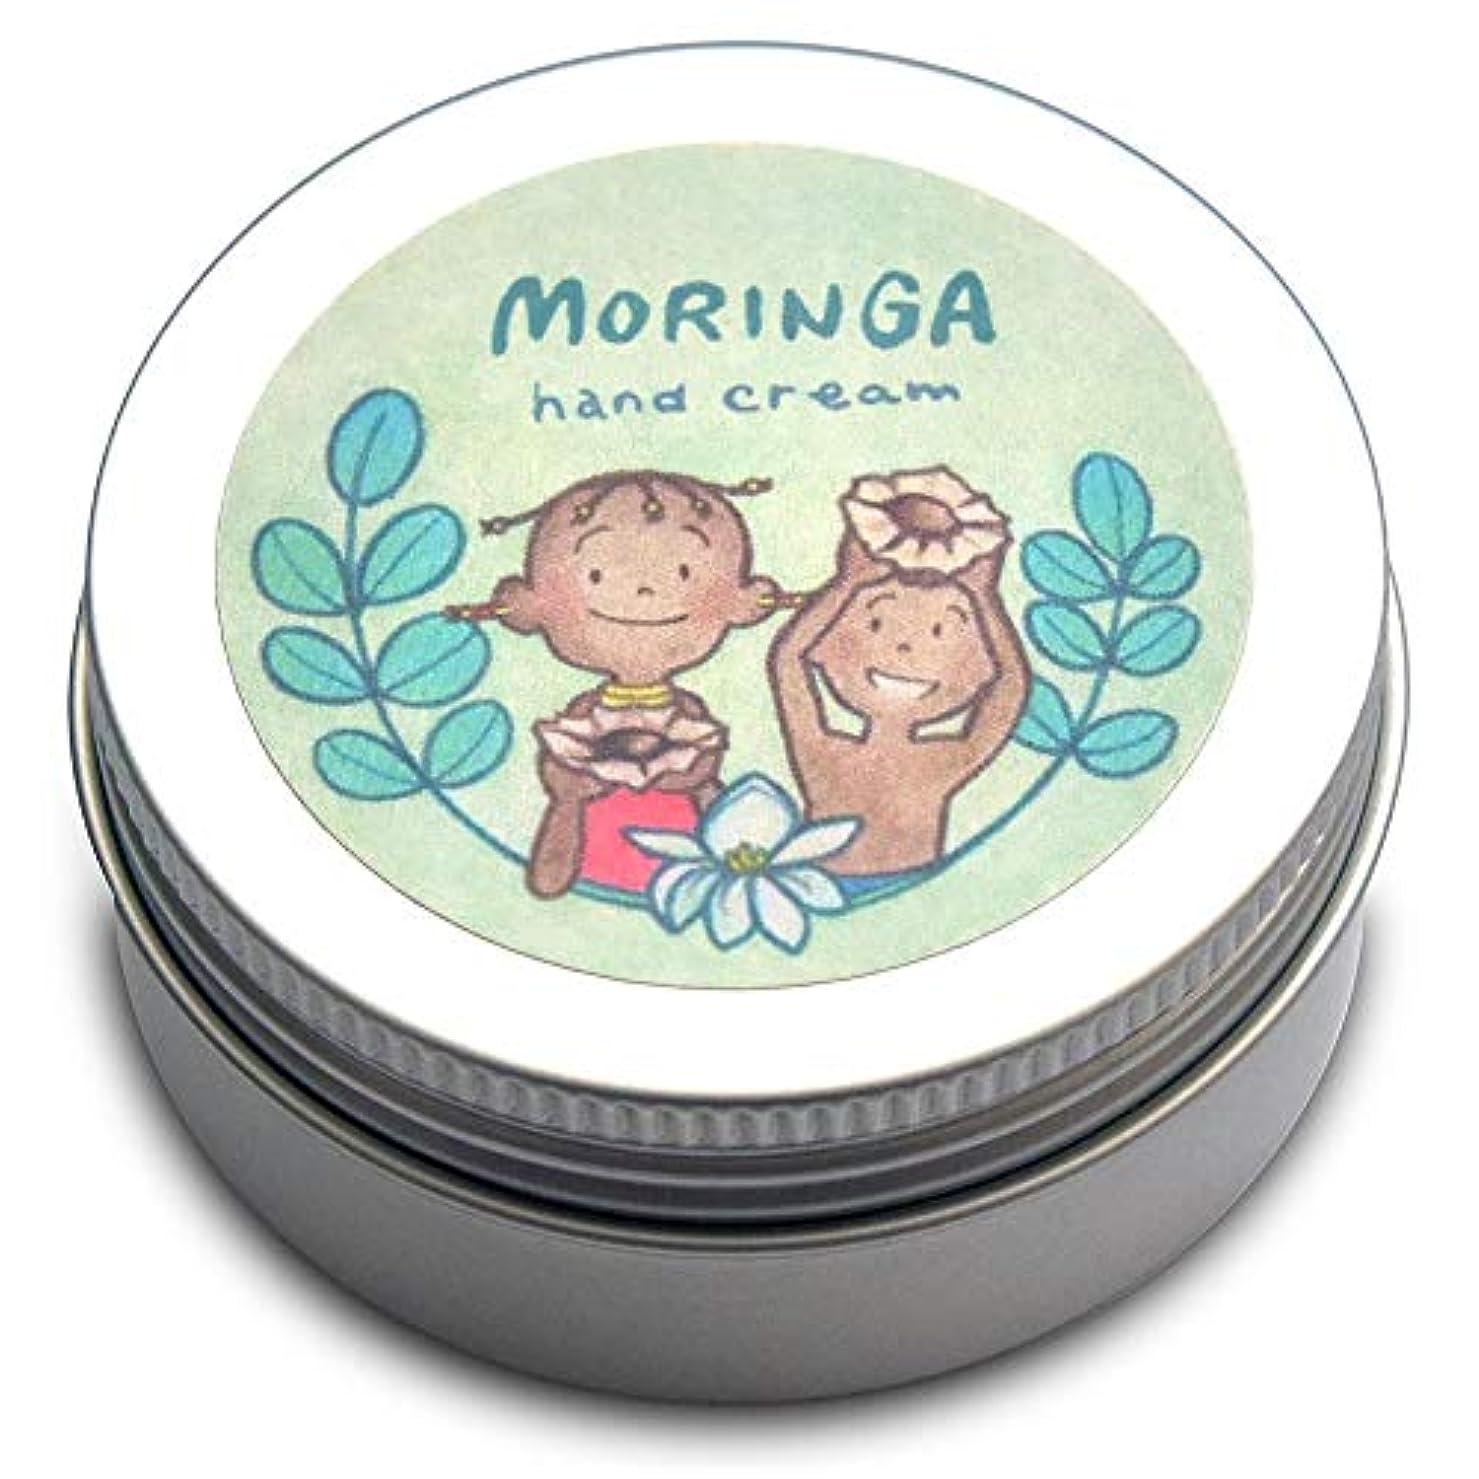 エピソードポジティブ鉛筆MORINGA モリンガハンドクリーム 30g